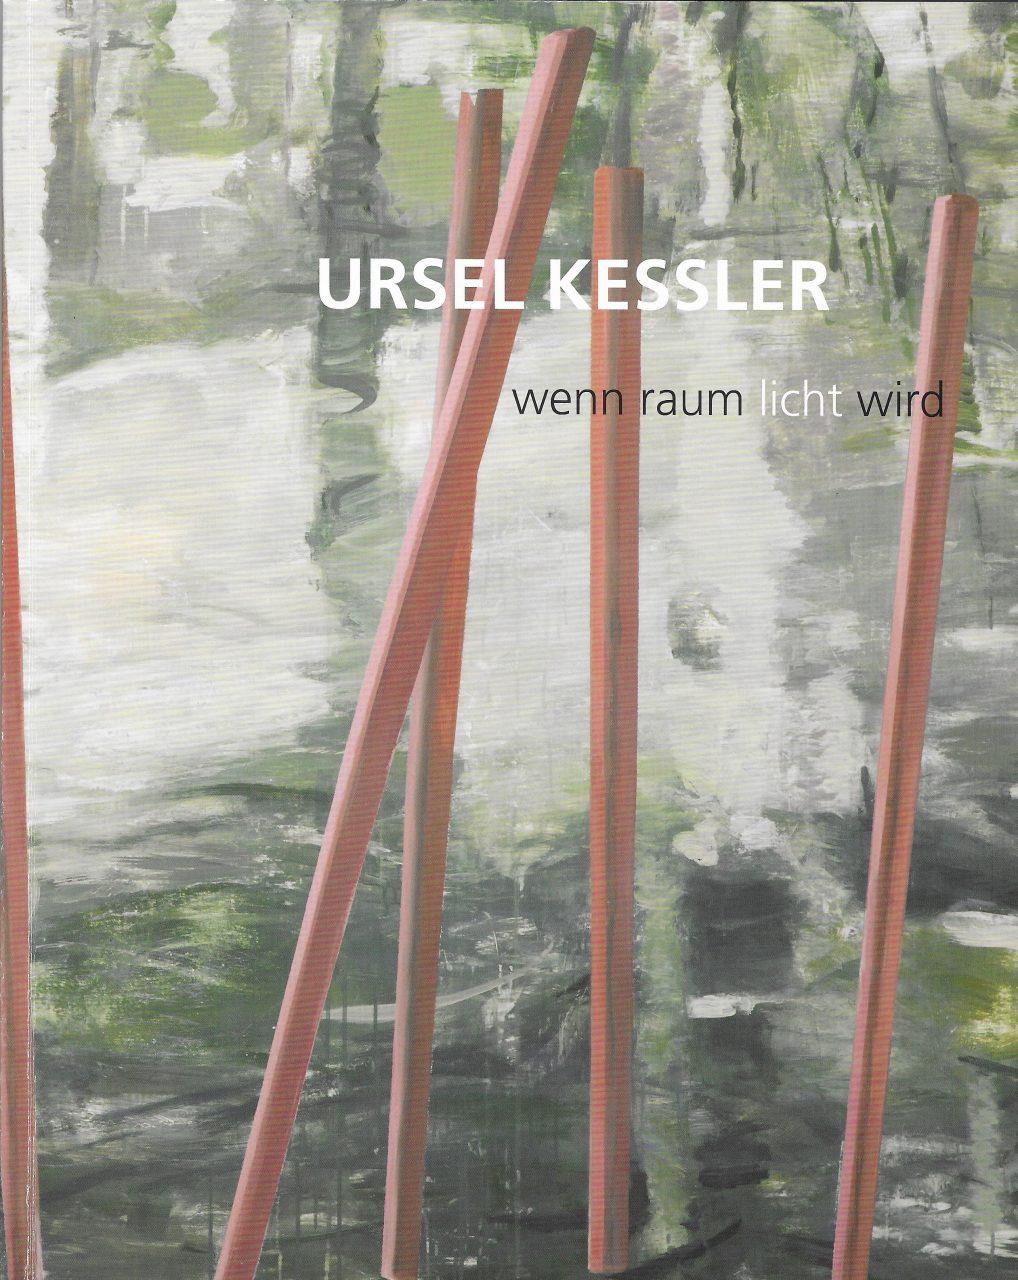 URSEL KESSLER. WENN RAUM LICHT WIRD